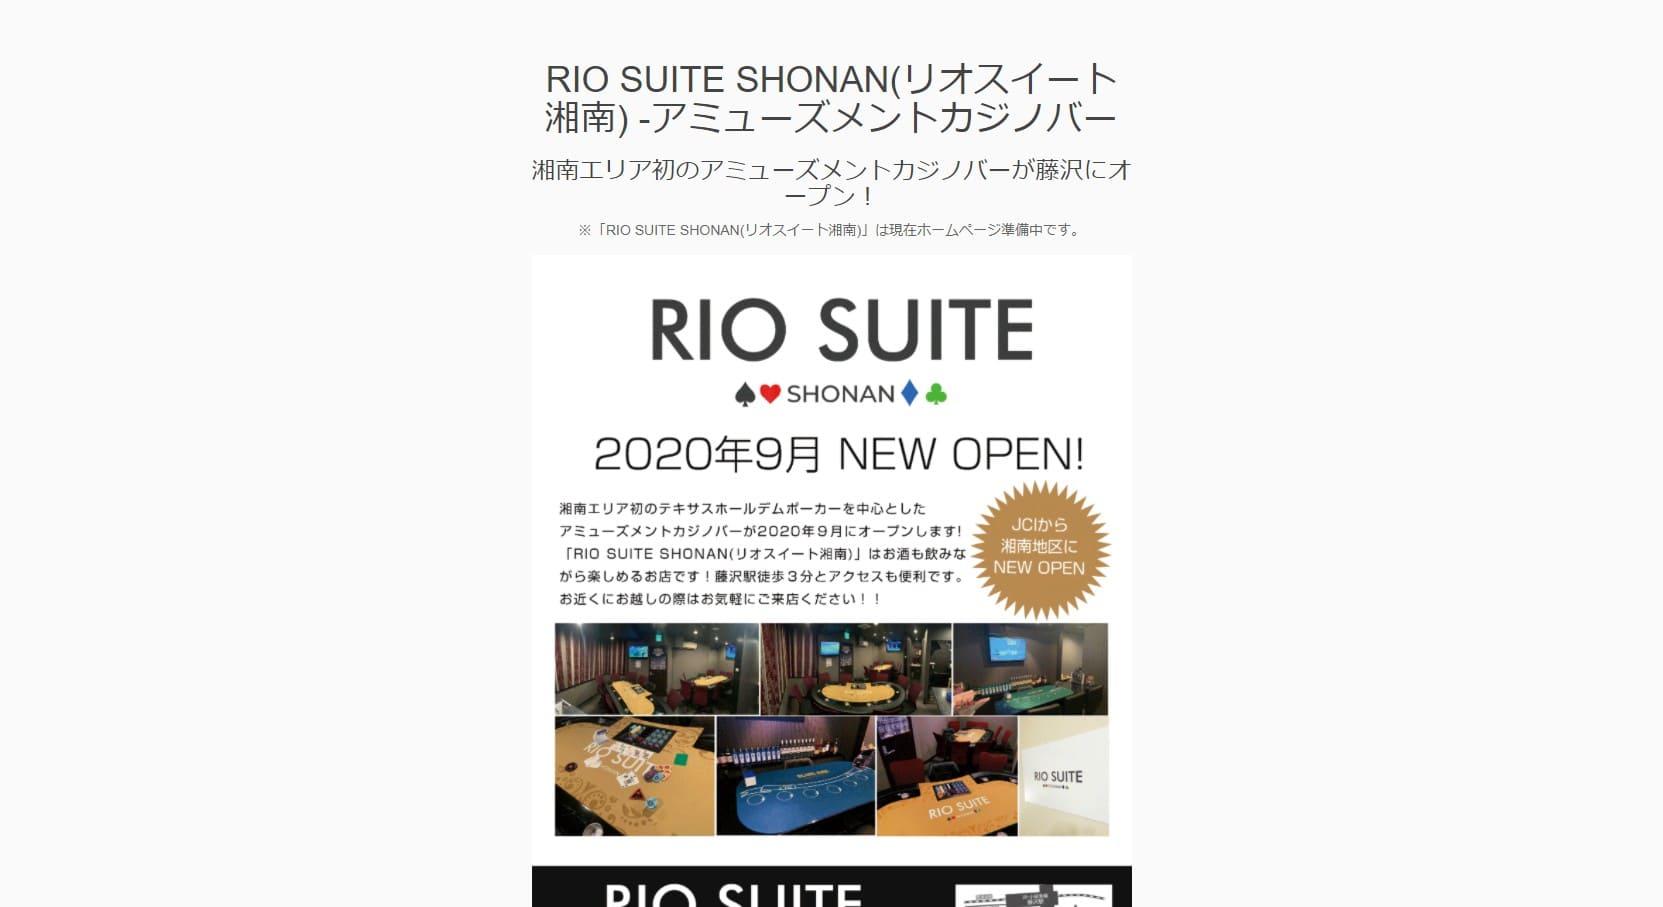 RIO SUITE SHONANのウェブサイト画像。